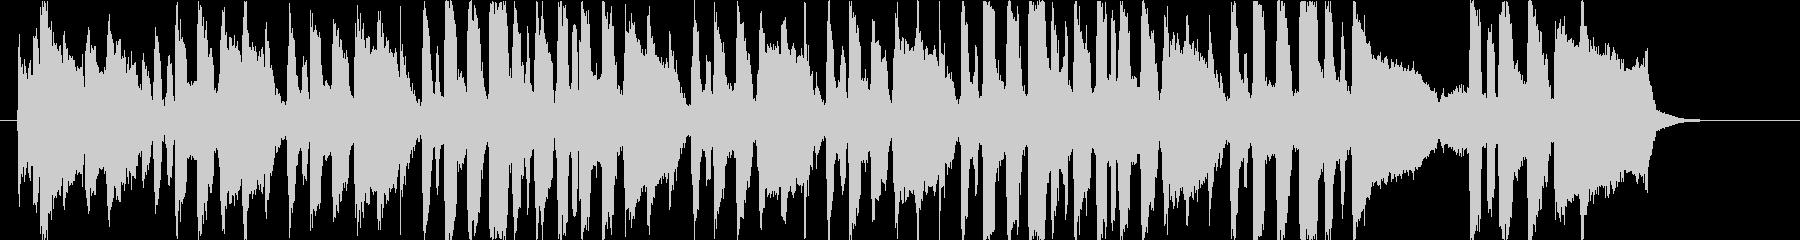 誕生日の歌(ワルツver) 【ハルキ】の未再生の波形